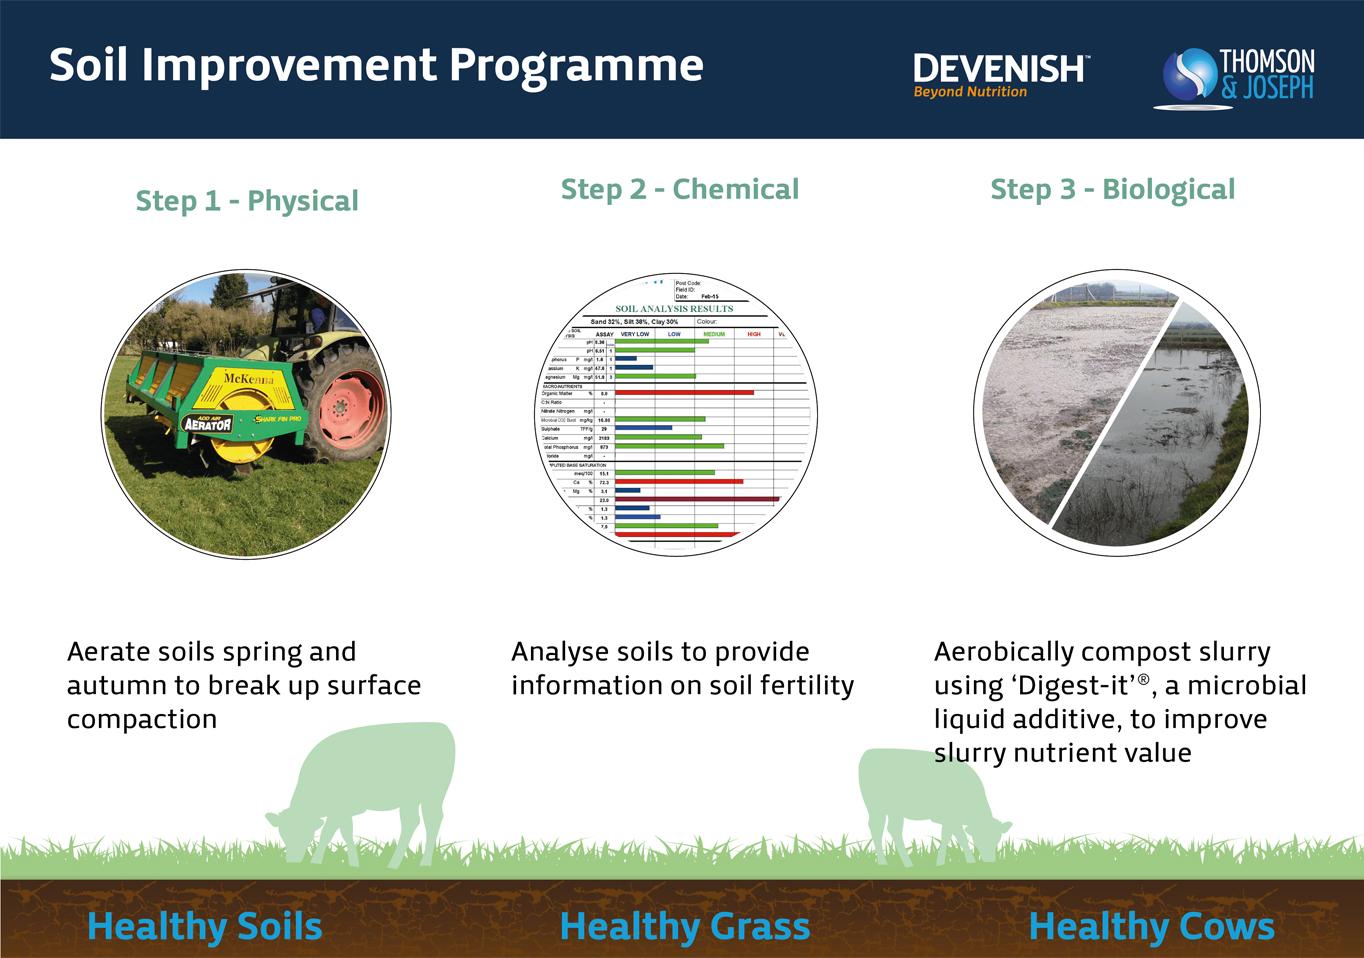 Soil improvement programme devenish nutrition for Soil improvement